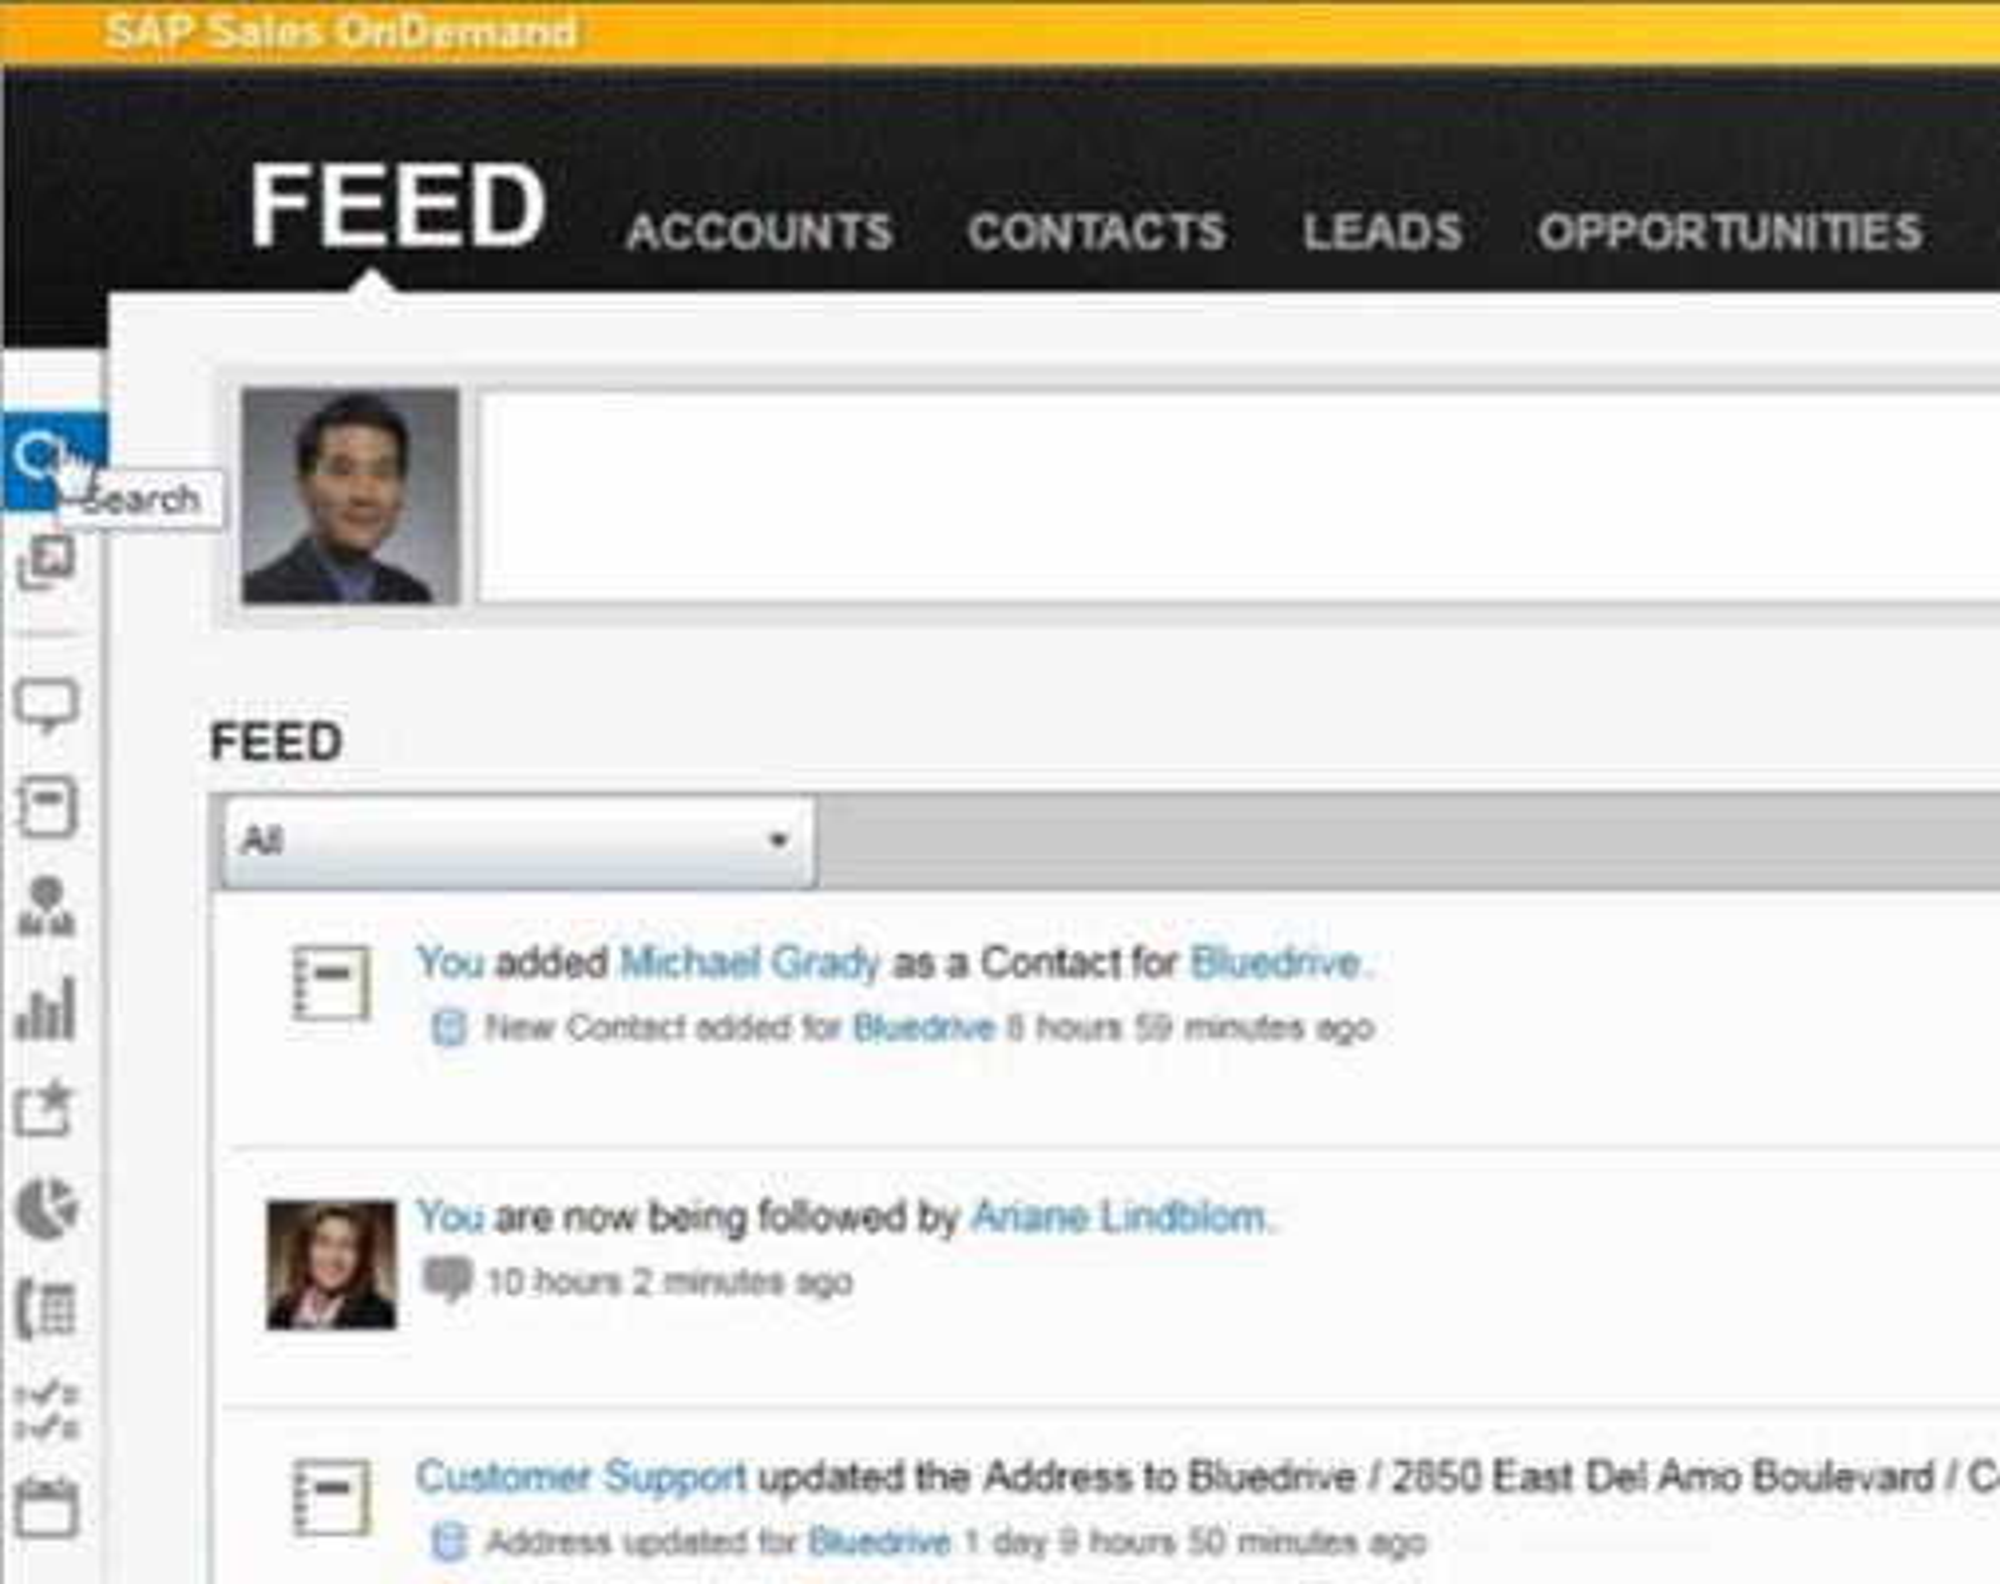 Brukergrensesnittet for hovedfanen Feed viser inspirasjonen fra Twitter og Facebook. Merk den automatisk genererte meldingen fra Customer Support som har oppdatert adresseopplysninger for kunden Bluedrive. Feed-funksjonen gjør det mulig å abonnere på oppdateringer fra fritt valgte interne og eksterne kilder.